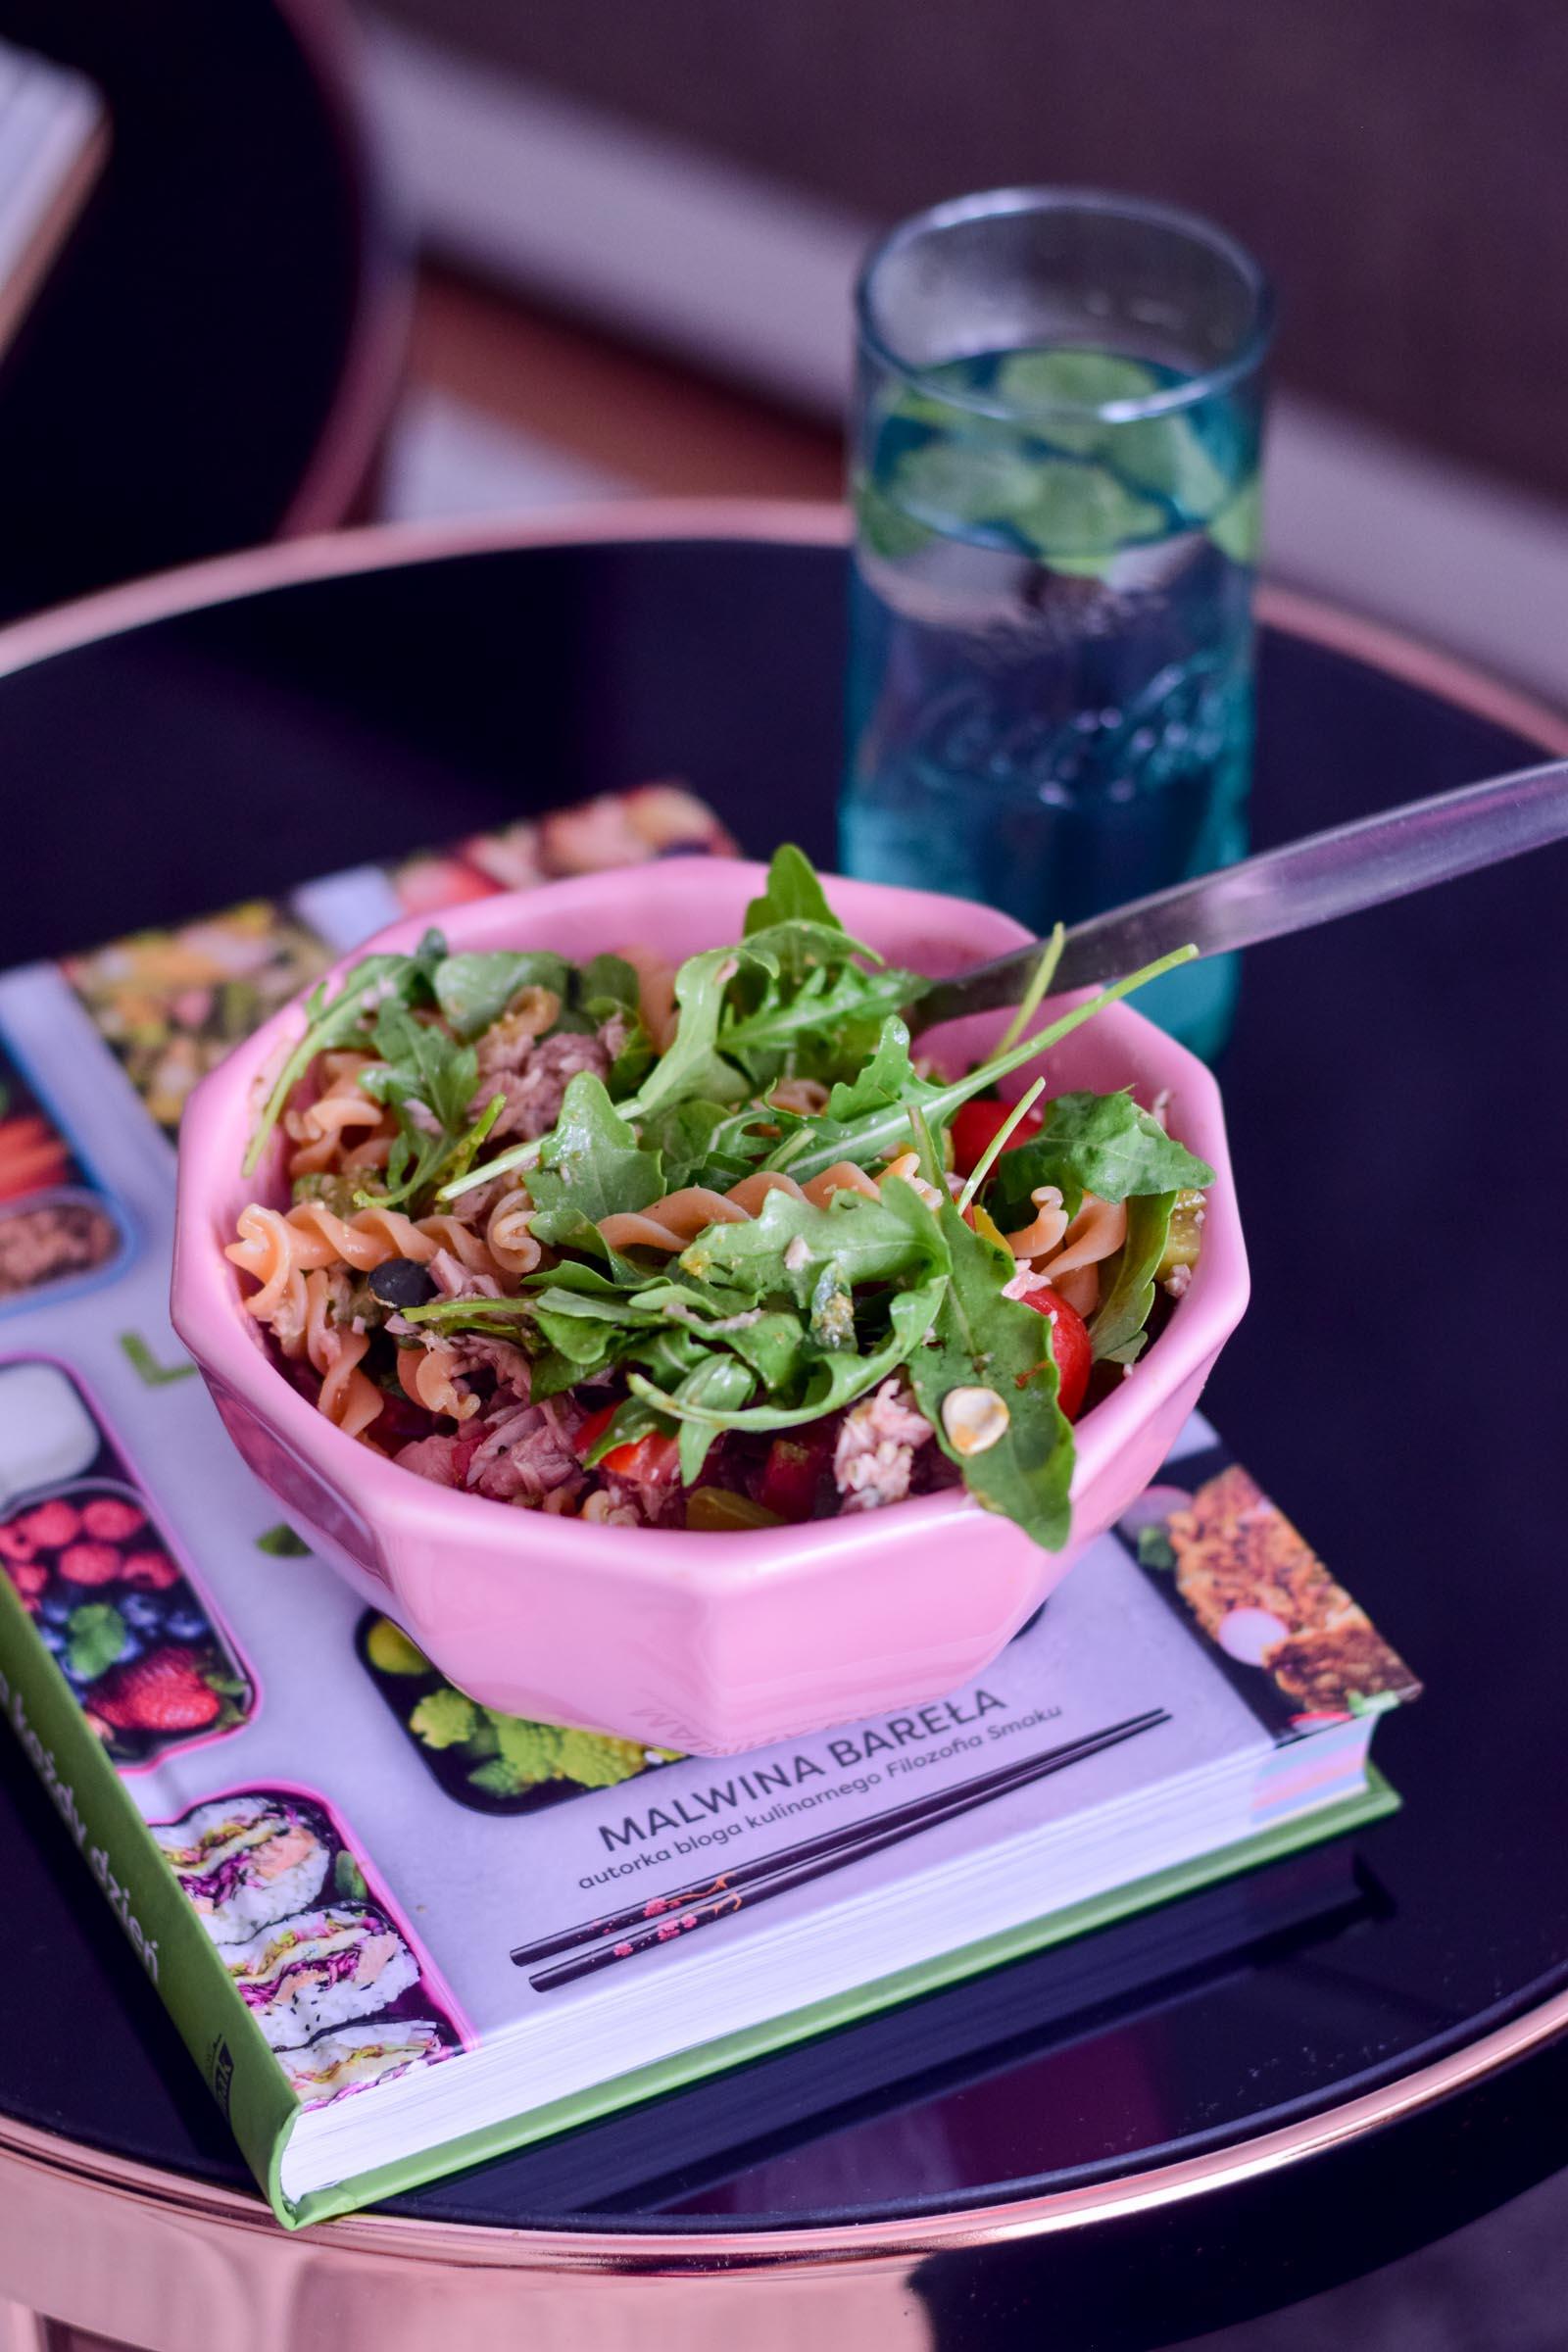 zdrowa-dieta-bezmleczna-1770-kcal-przepisy-pomysły-blog